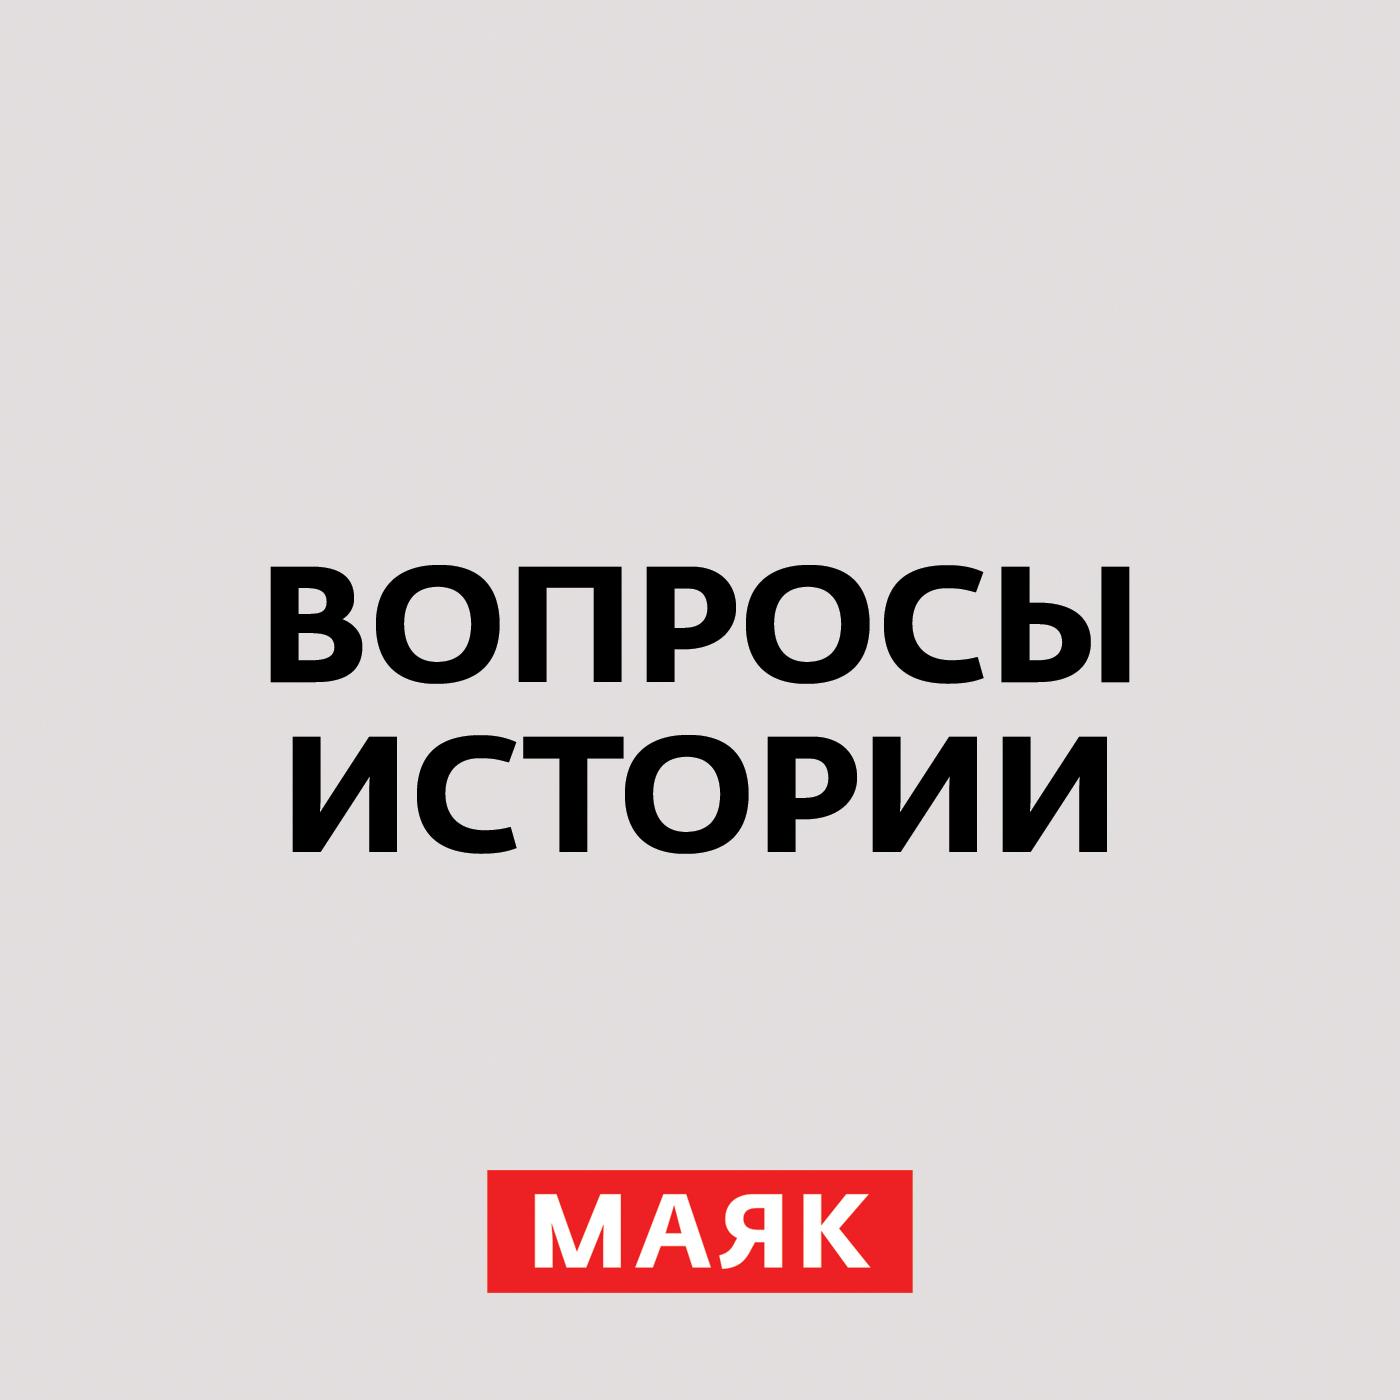 Великая депрессия: «Бандитский Петербург» в жизни и на экране